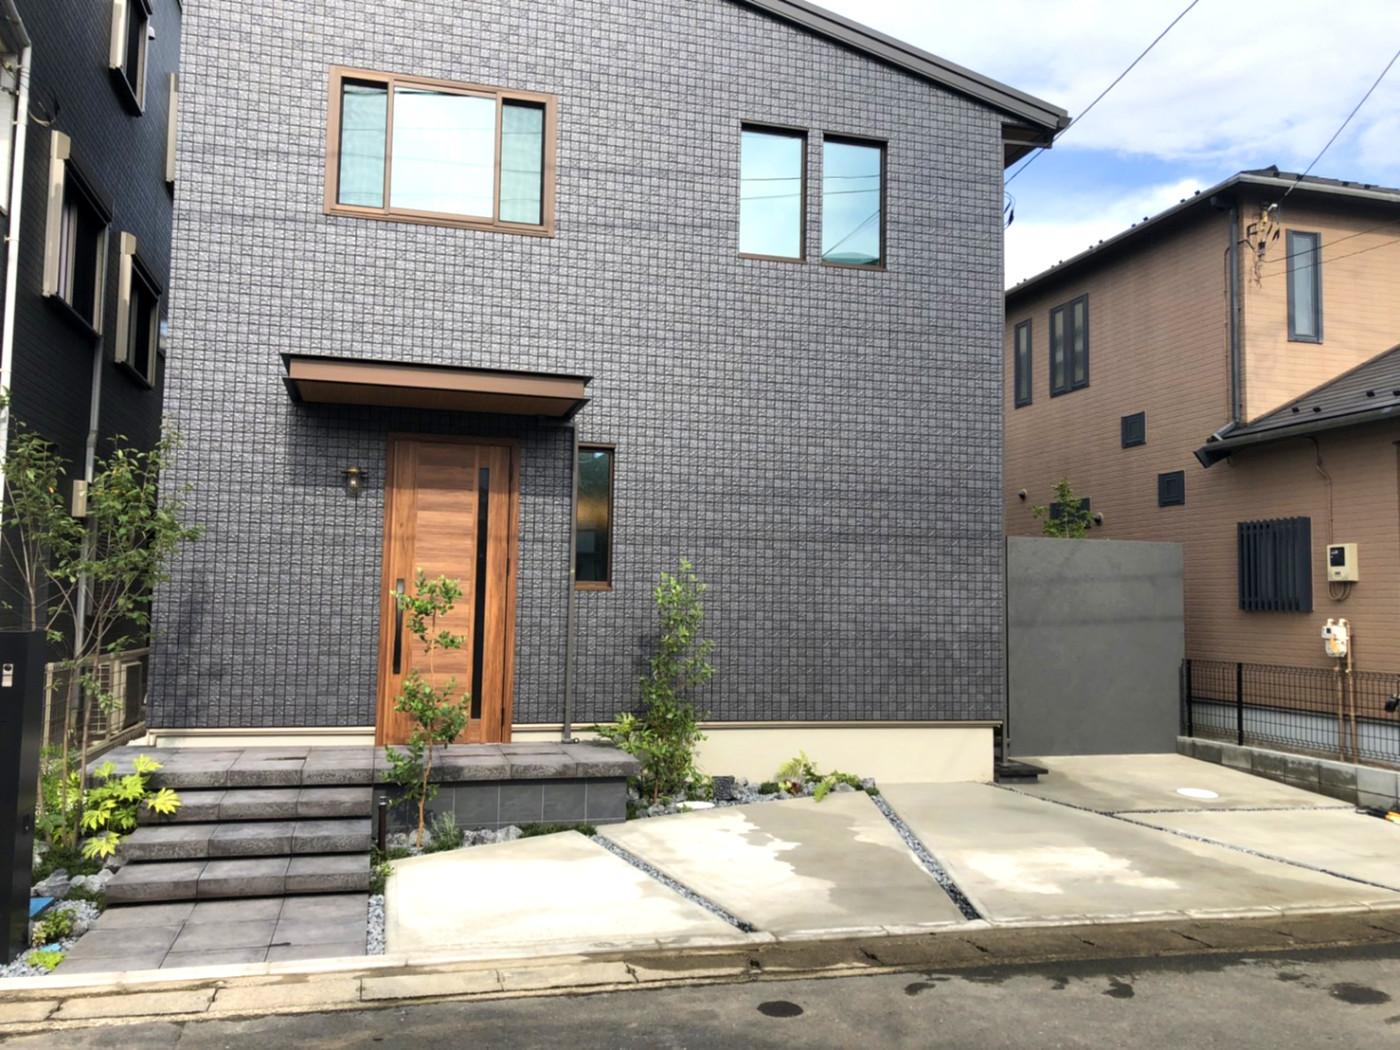 神奈川県 株式会社 琴美建設 グランドアートウォール施工イメージ3258_04